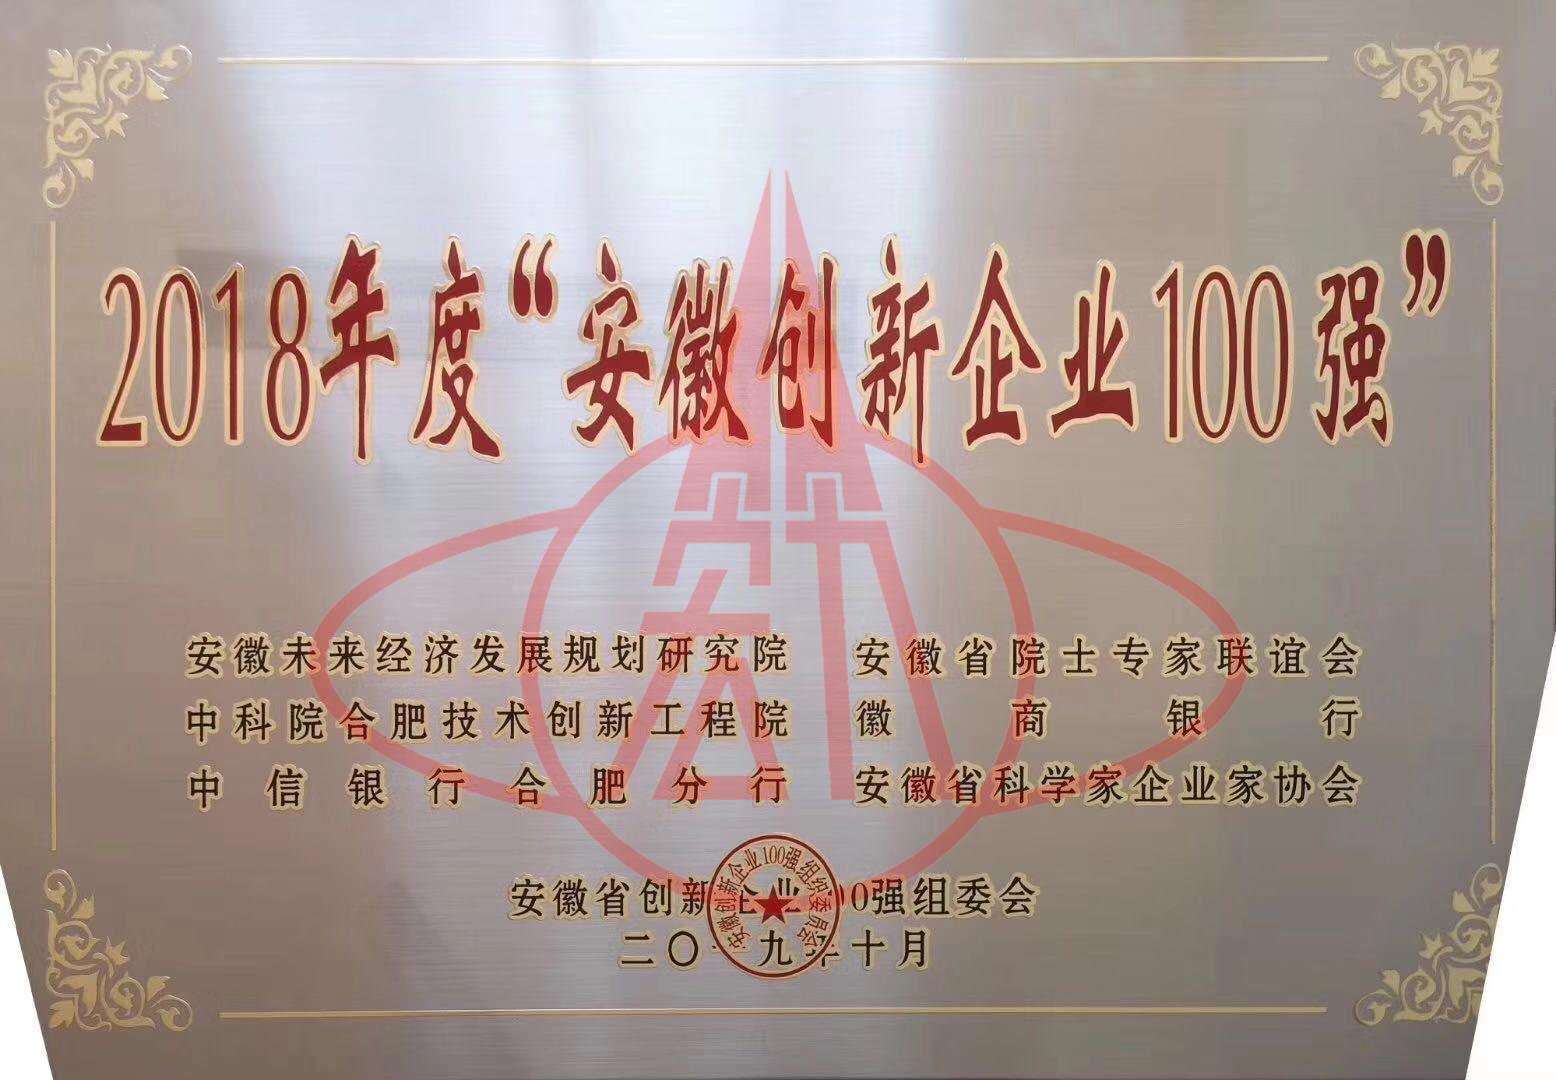 安徽创新100强